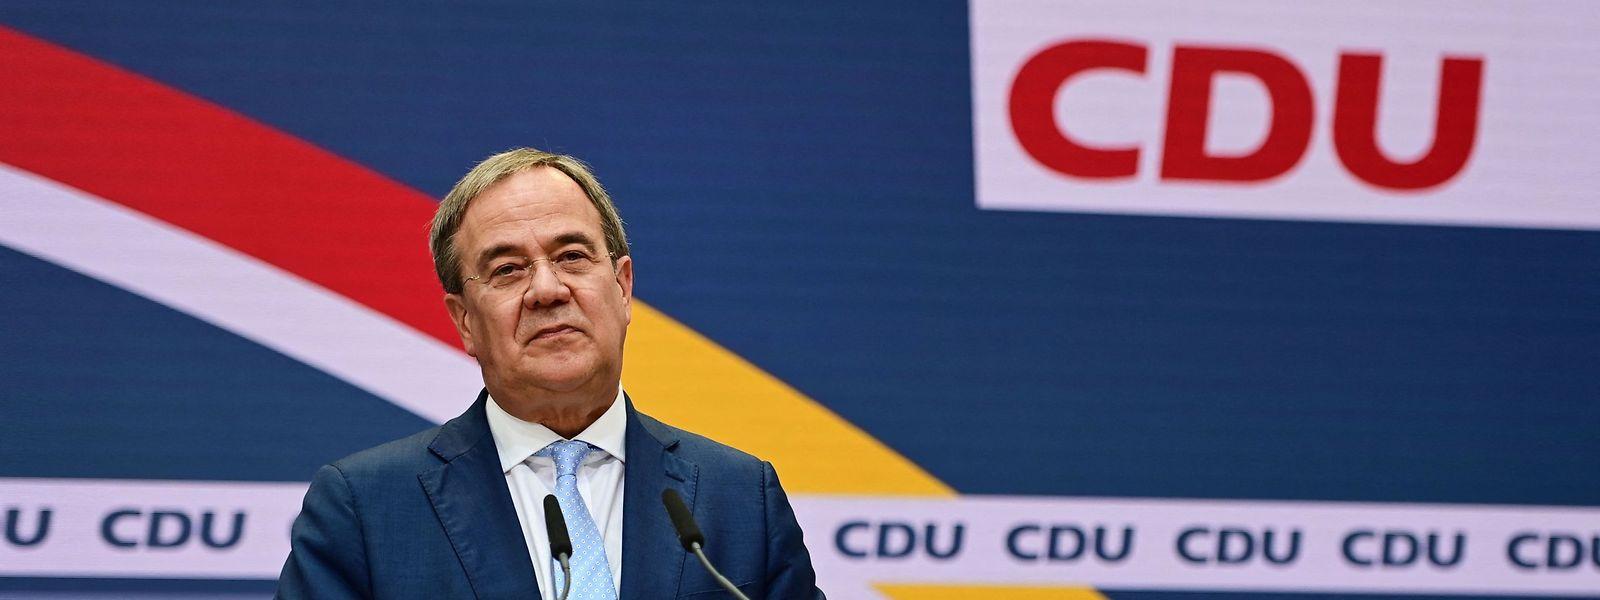 Armin Laschet ist angesichts der Wahlschlappe am Tag nach der Bundestagswahl in der Defensive.